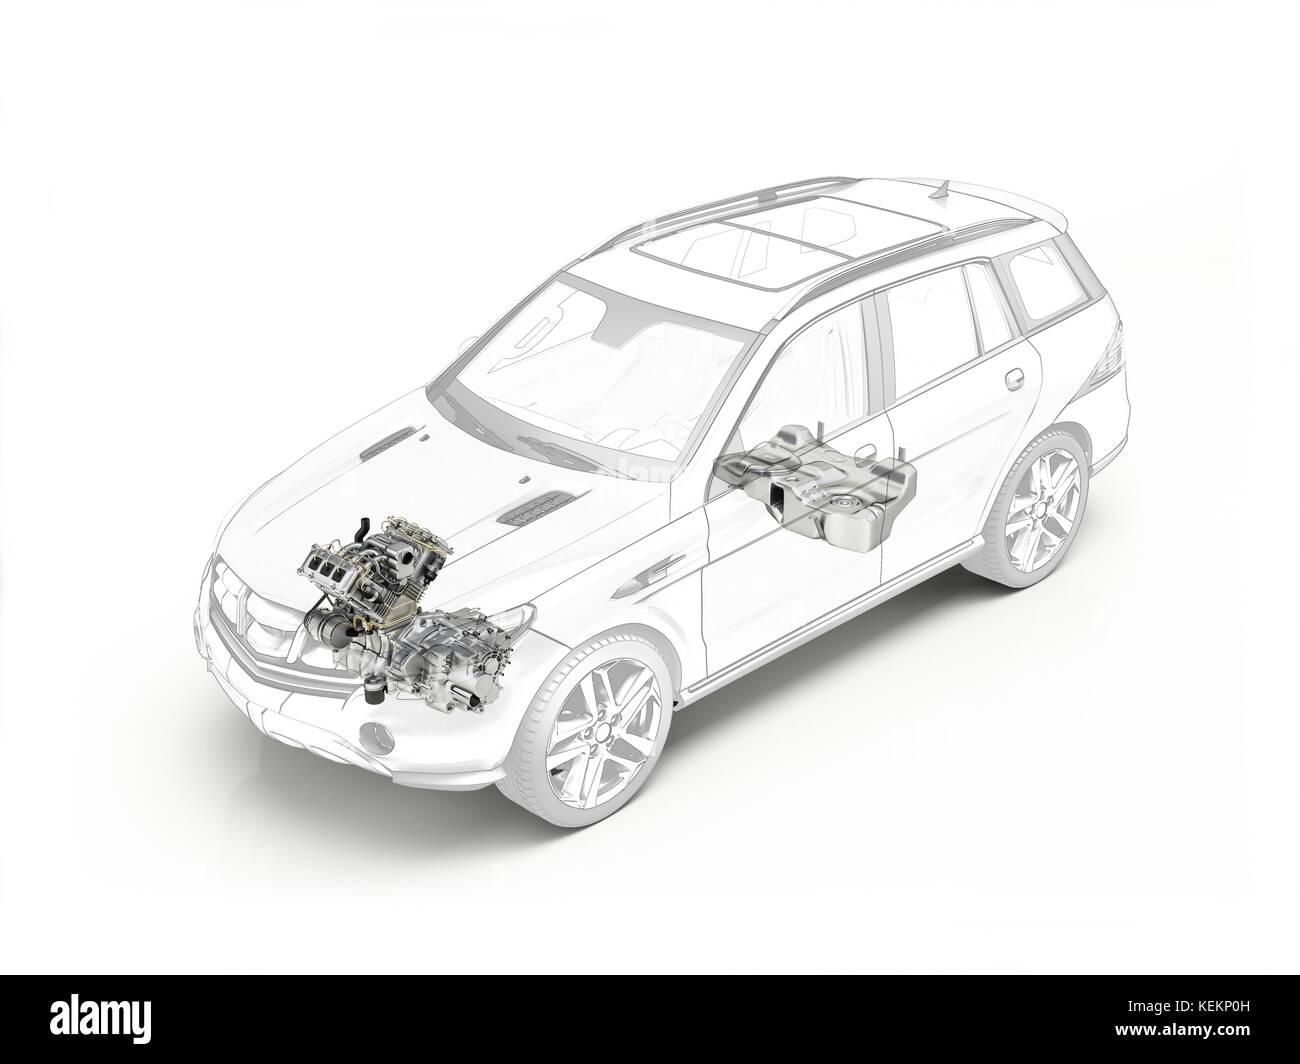 Cutaway Car Stock Photos & Cutaway Car Stock Images - Alamy